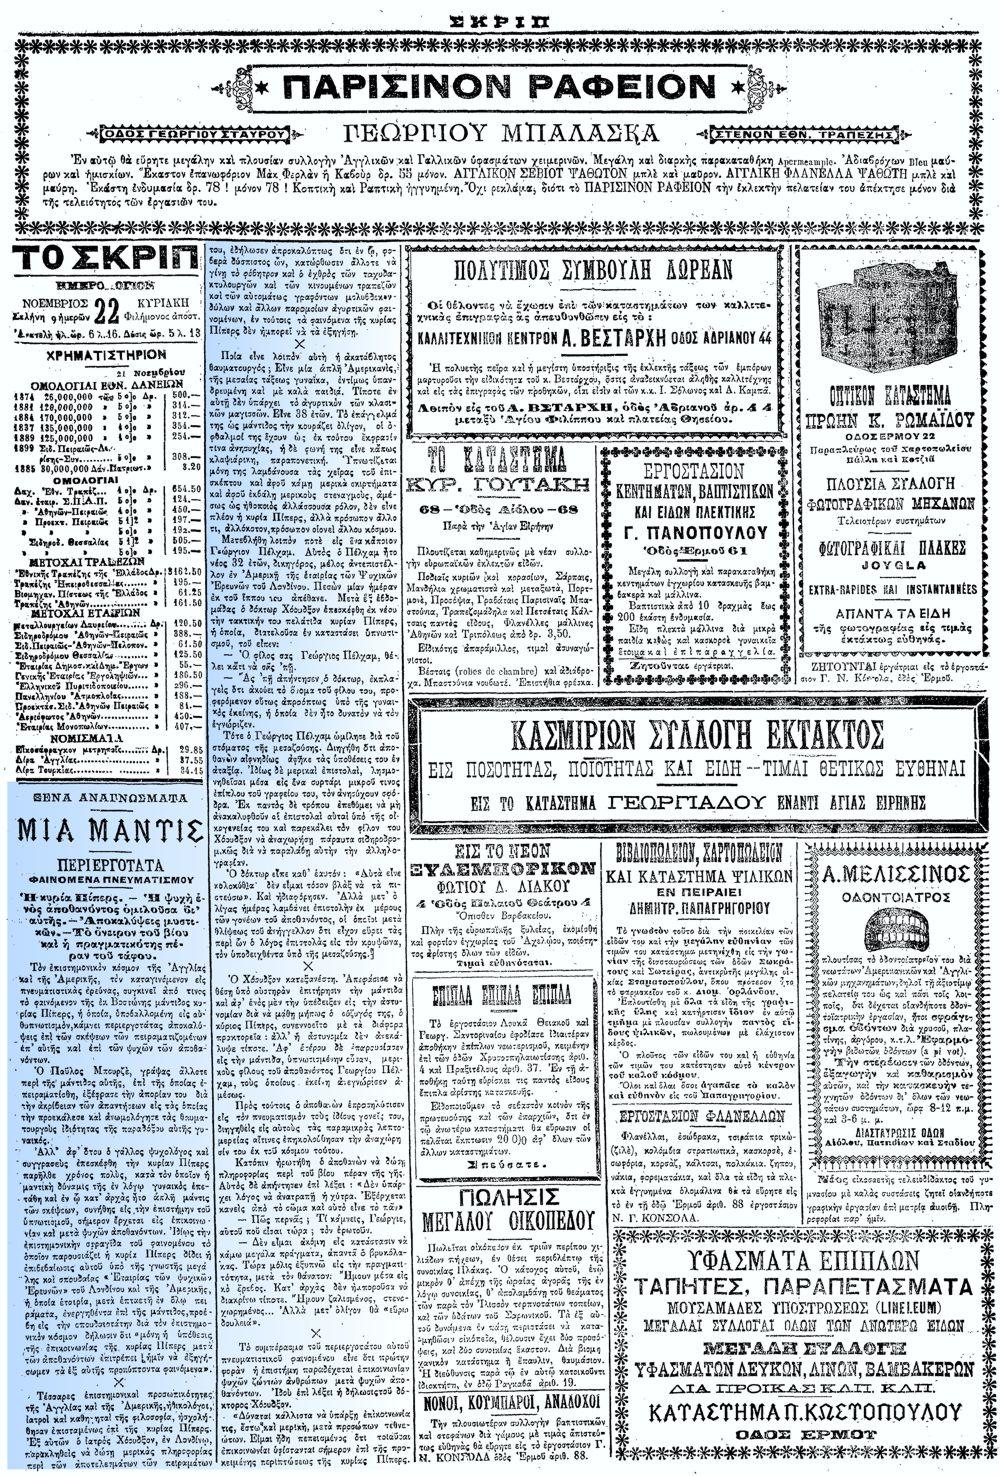 """Το άρθρο, όπως δημοσιεύθηκε στην εφημερίδα """"ΣΚΡΙΠ"""", στις 22/11/1898"""